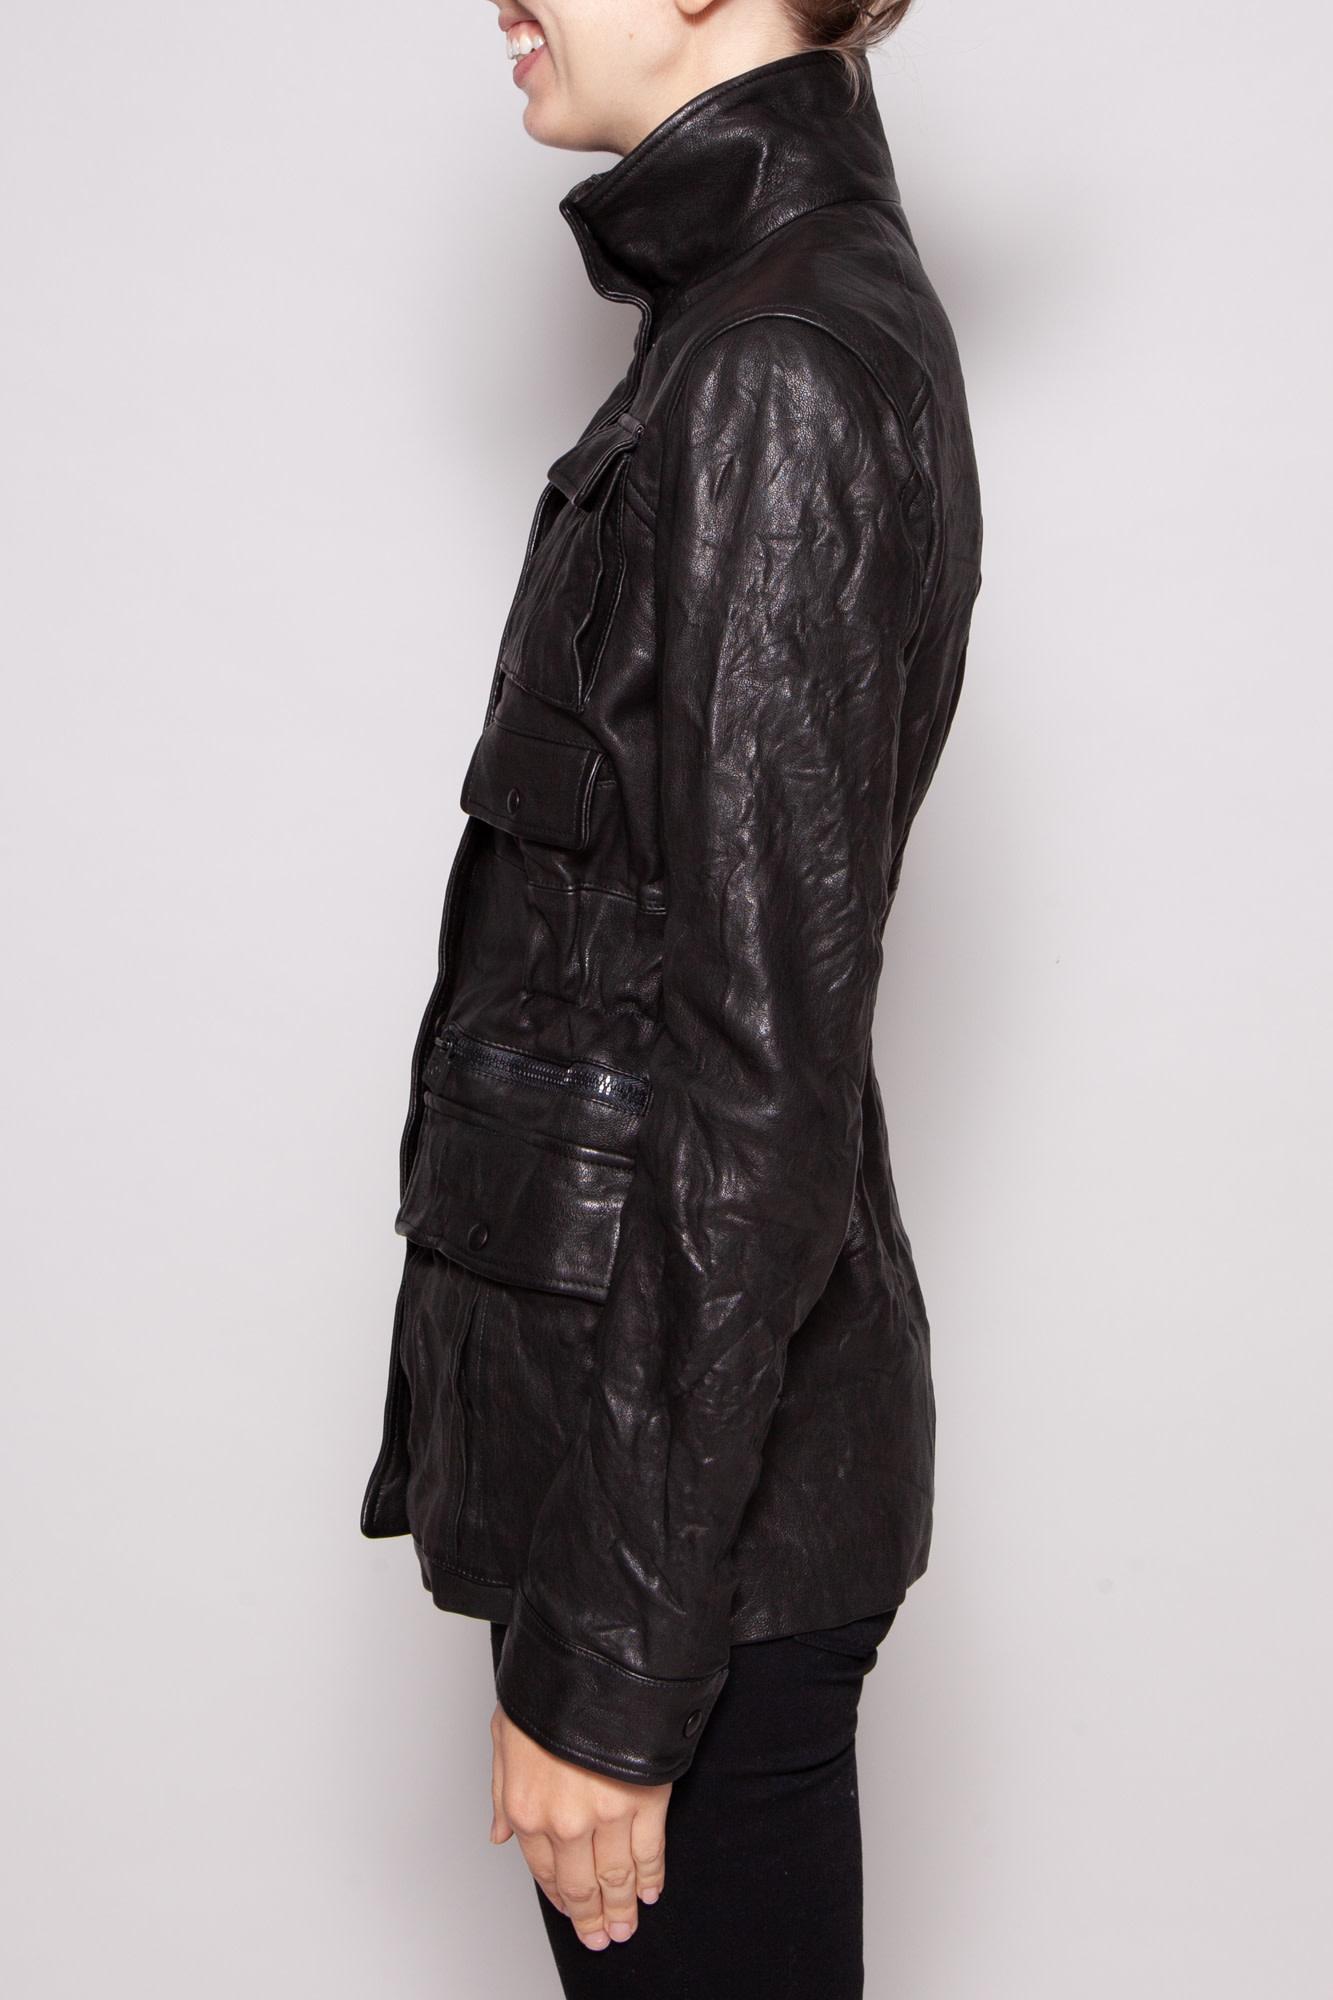 Chanel BLACK LEATHER UTILITY JACKET